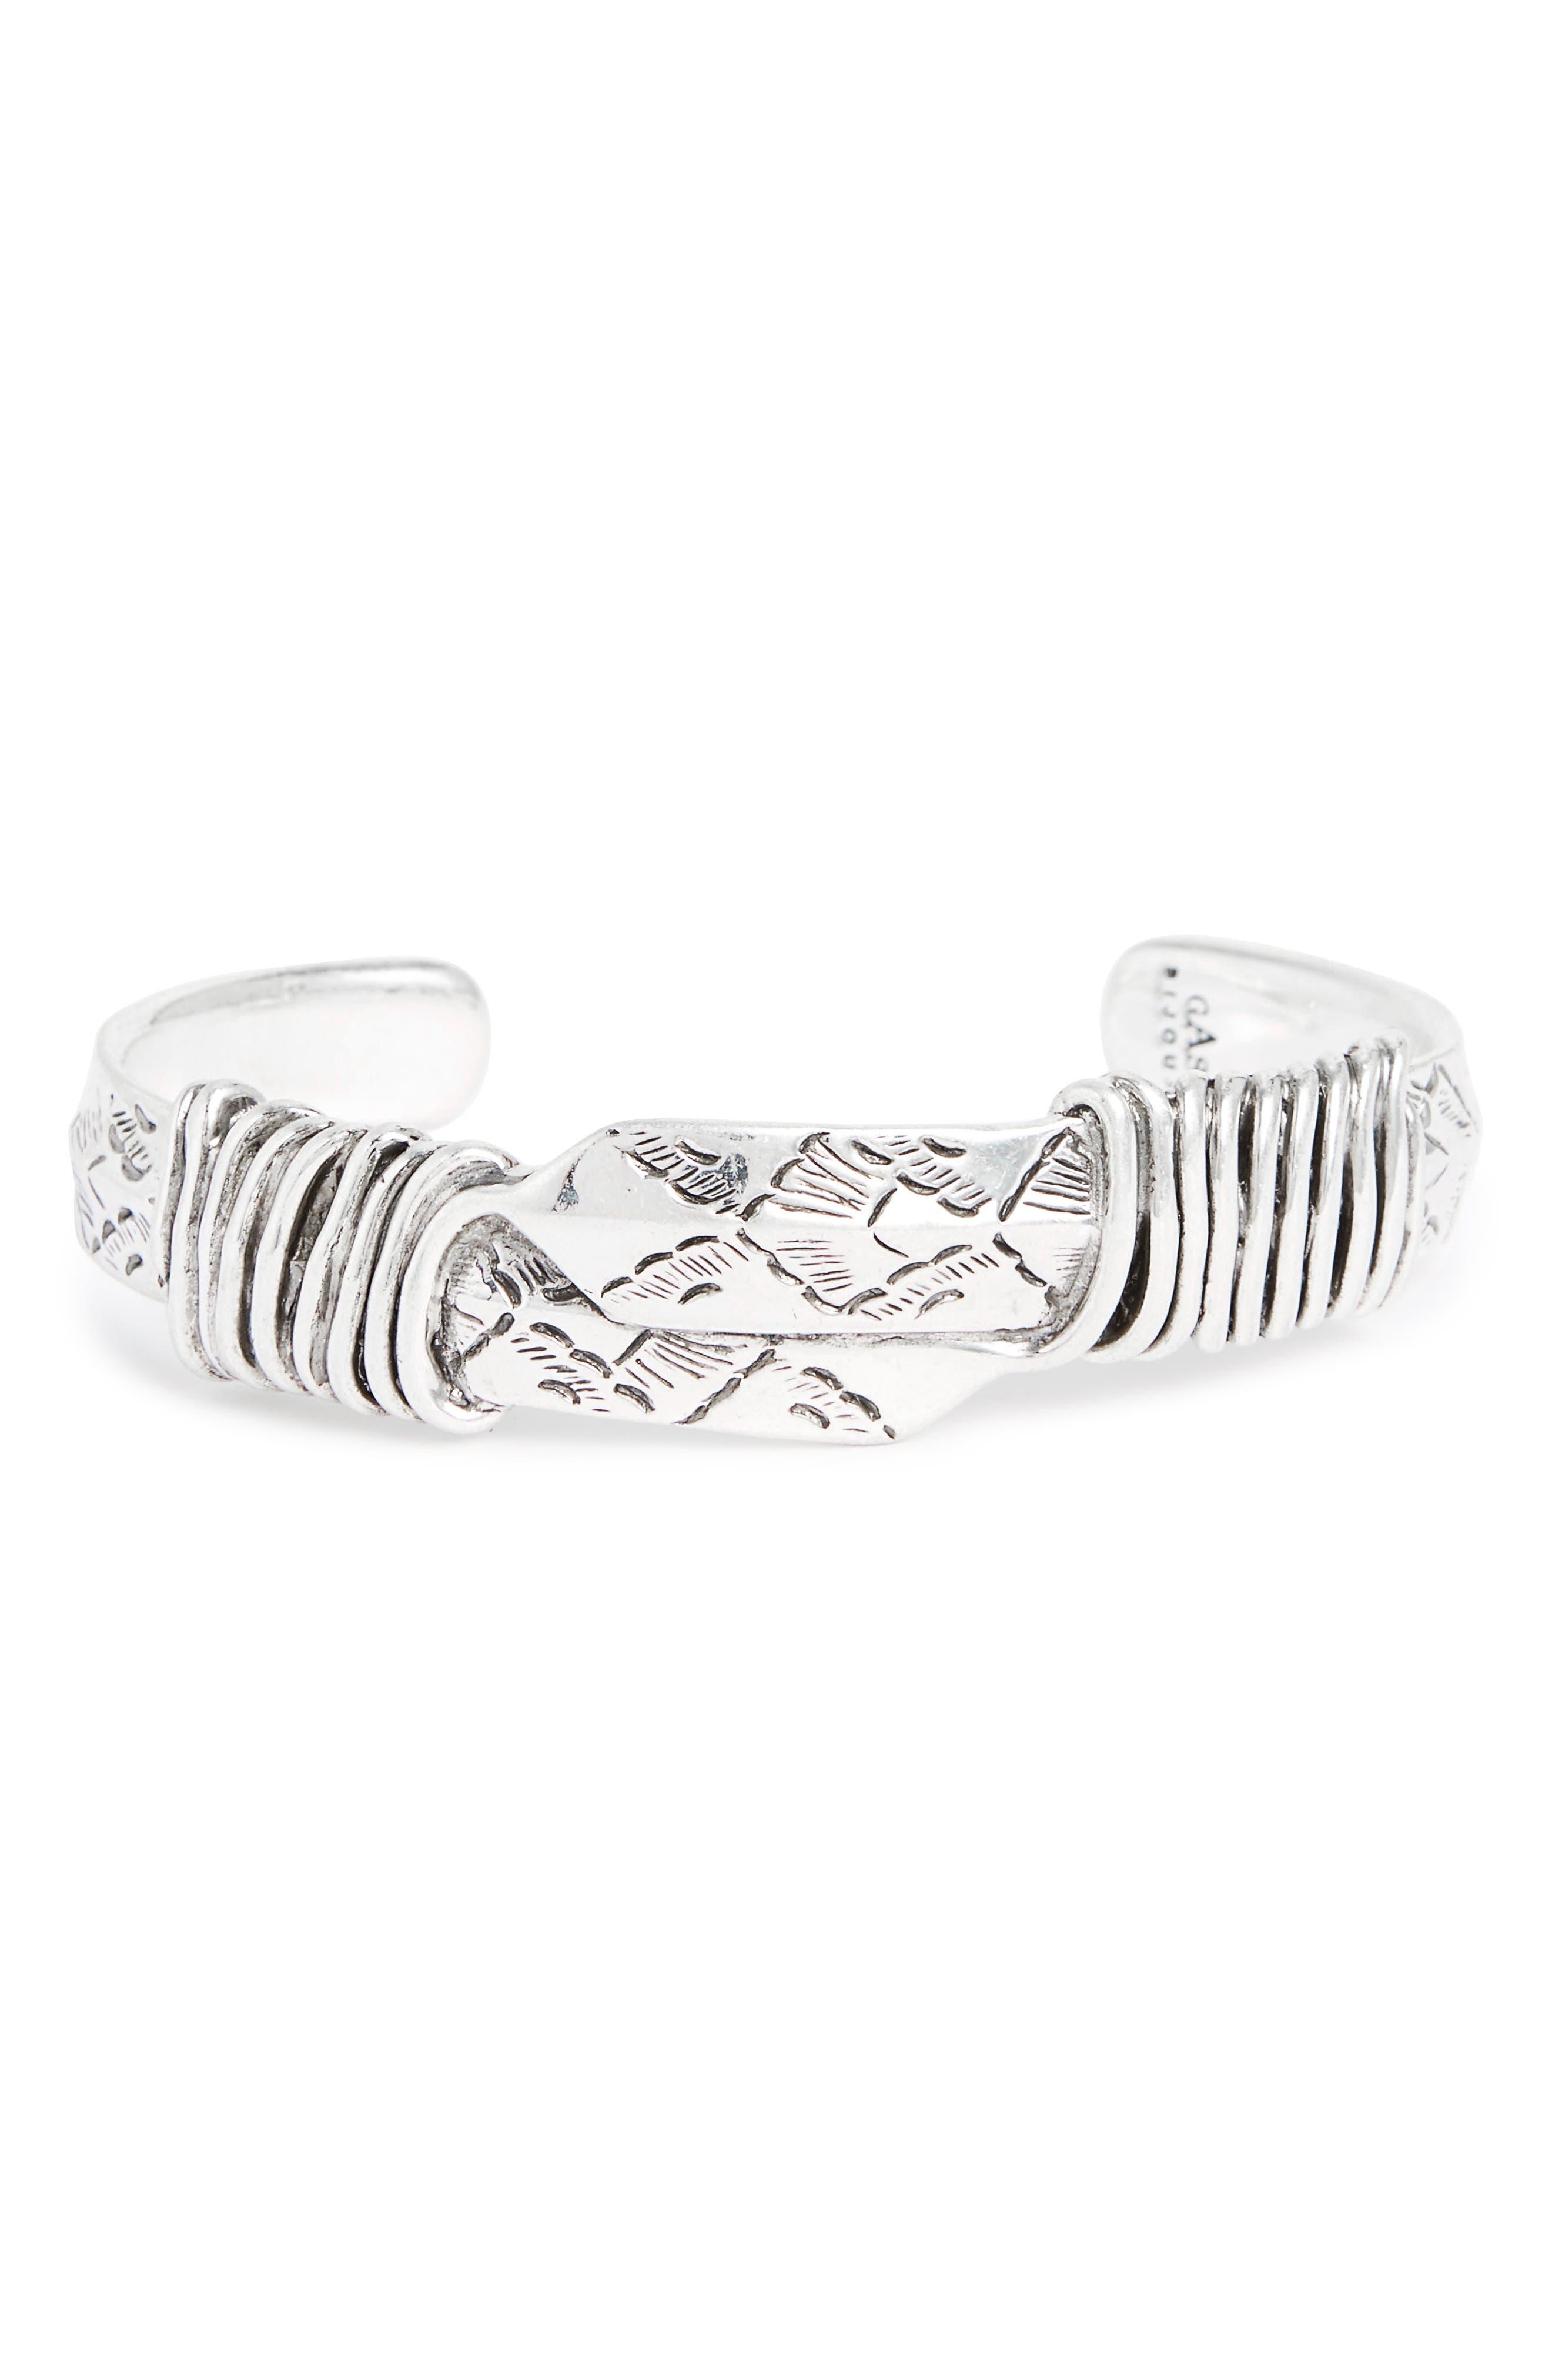 Arrow Cuff Bracelet,                             Main thumbnail 1, color,                             Silver